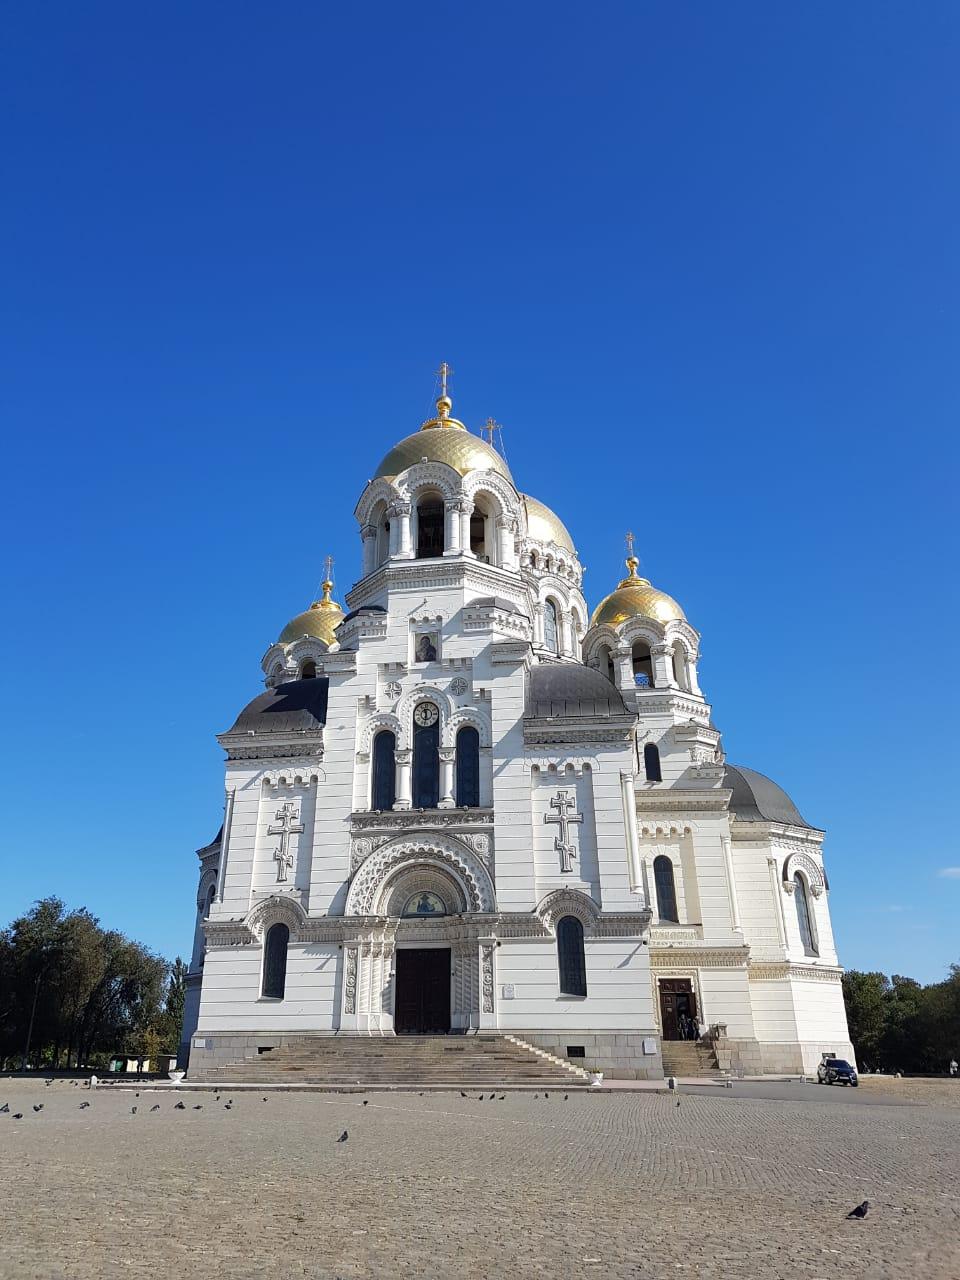 Вознесенский собор, третий по величине в России. Блиц: храмы